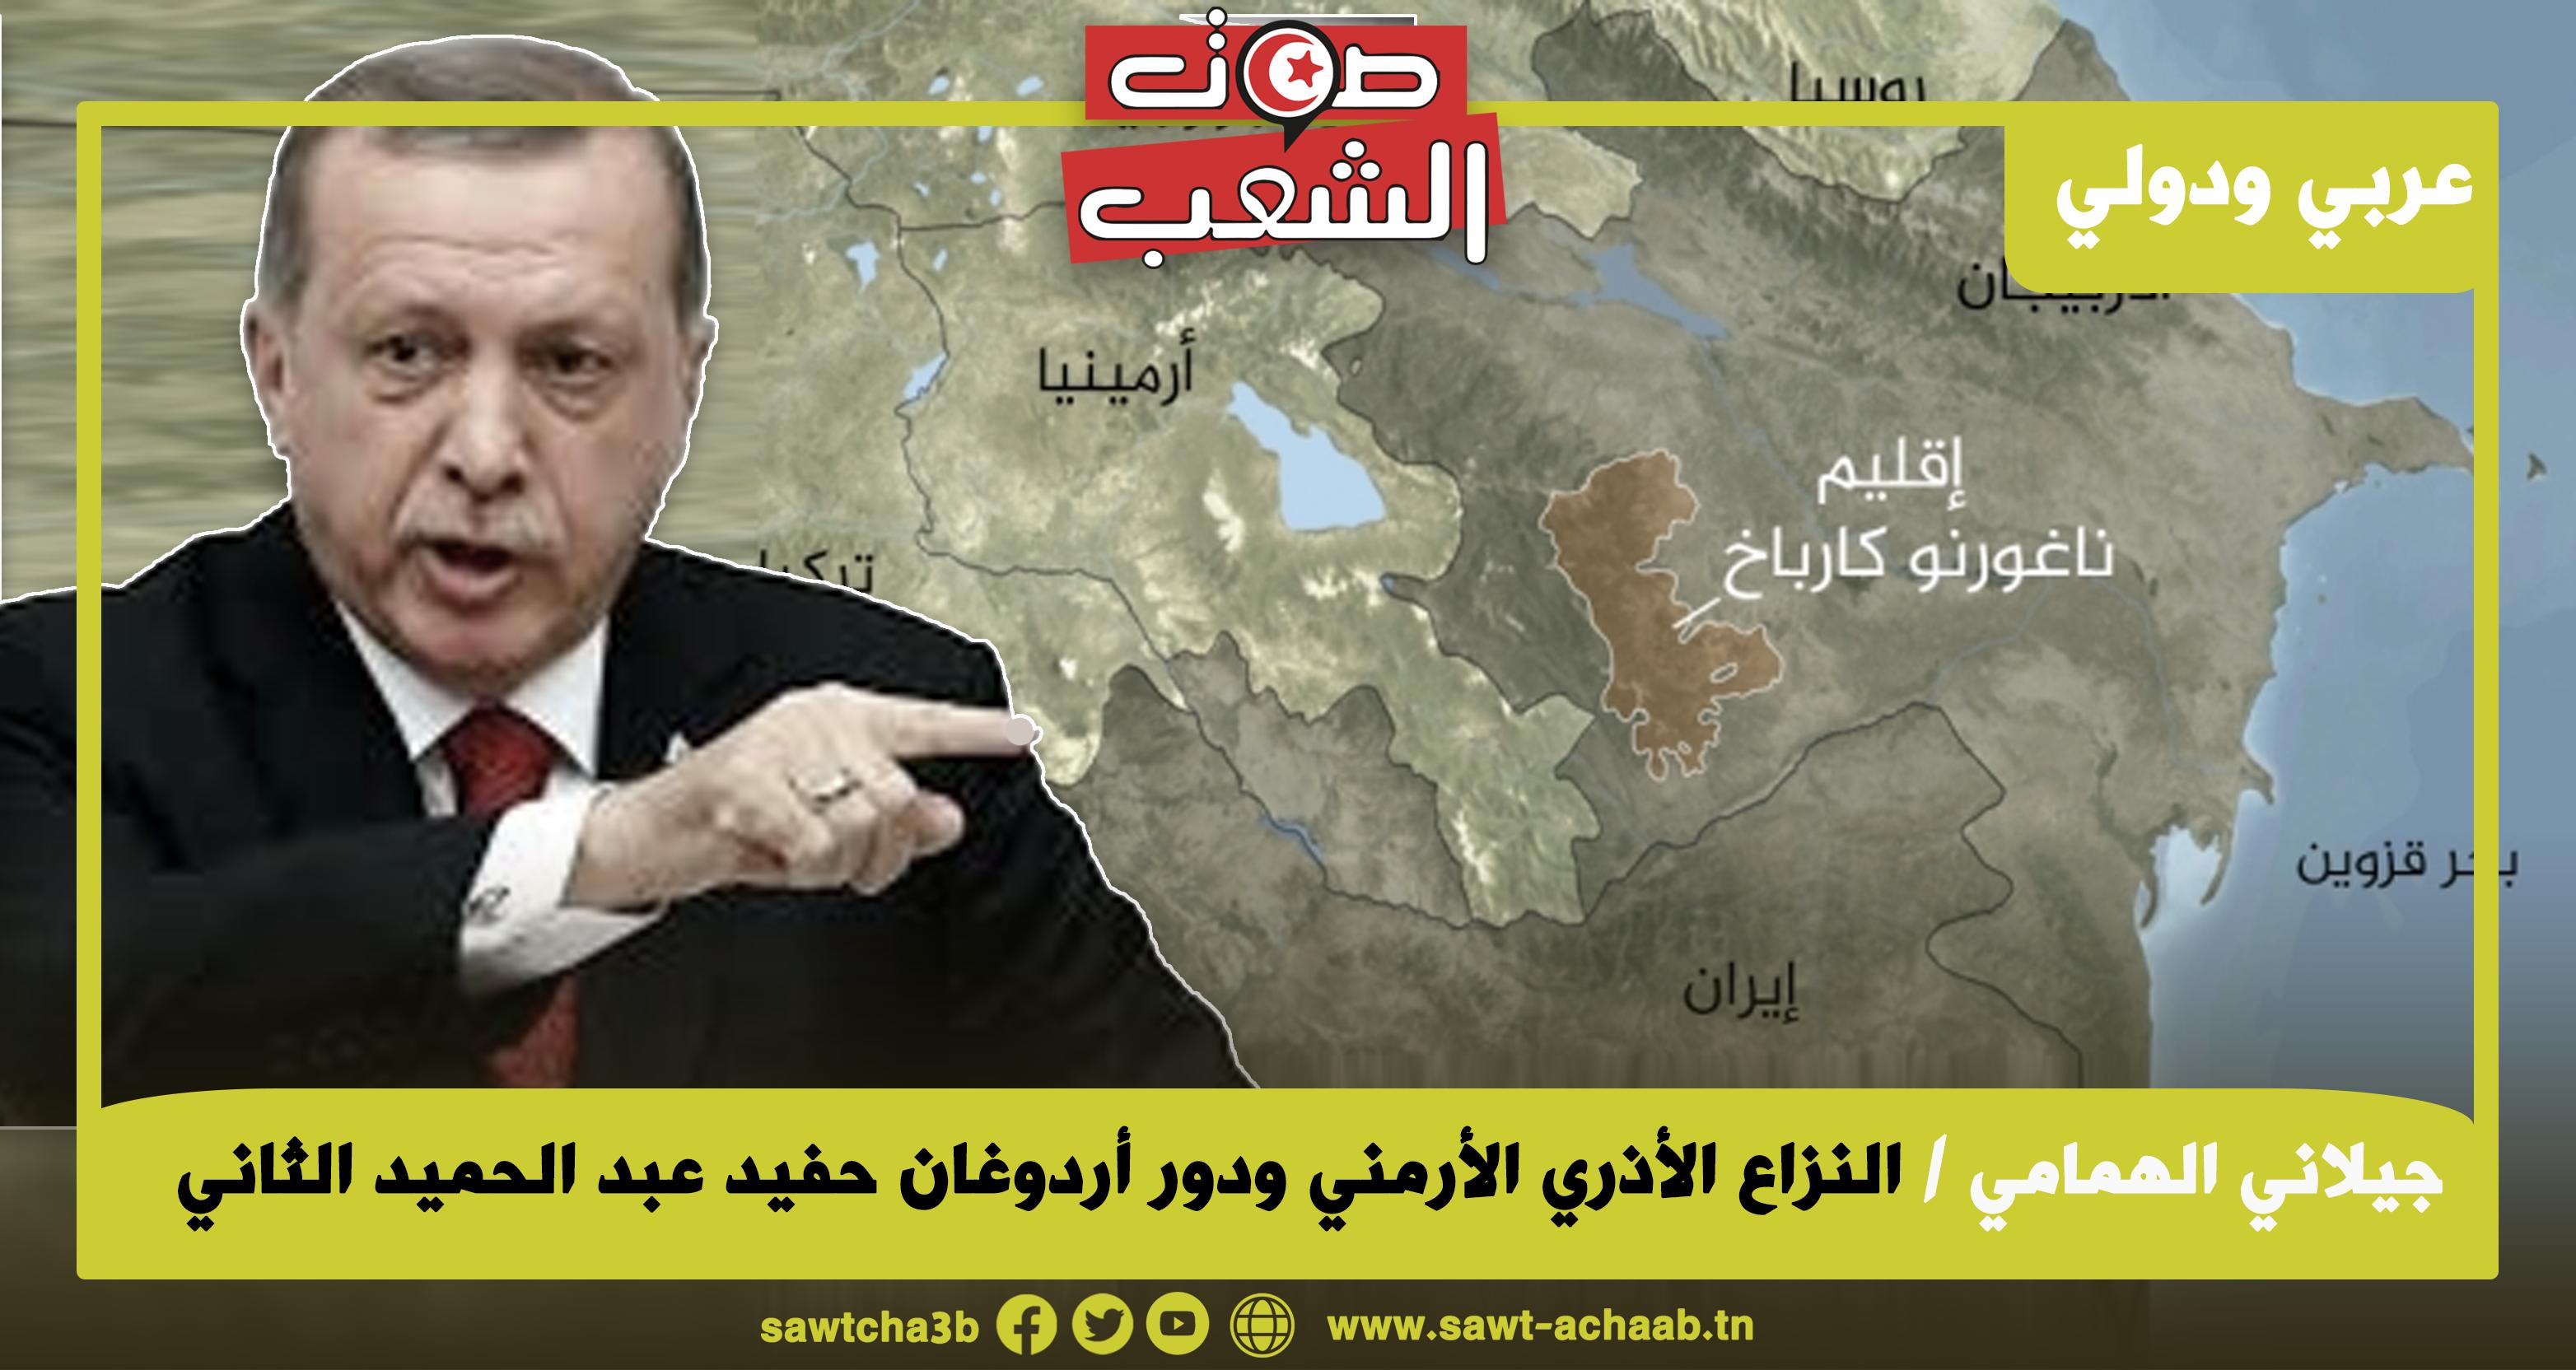 النزاع الأذري الأرمني ودور أردوغان حفيد عبد الحميد الثاني